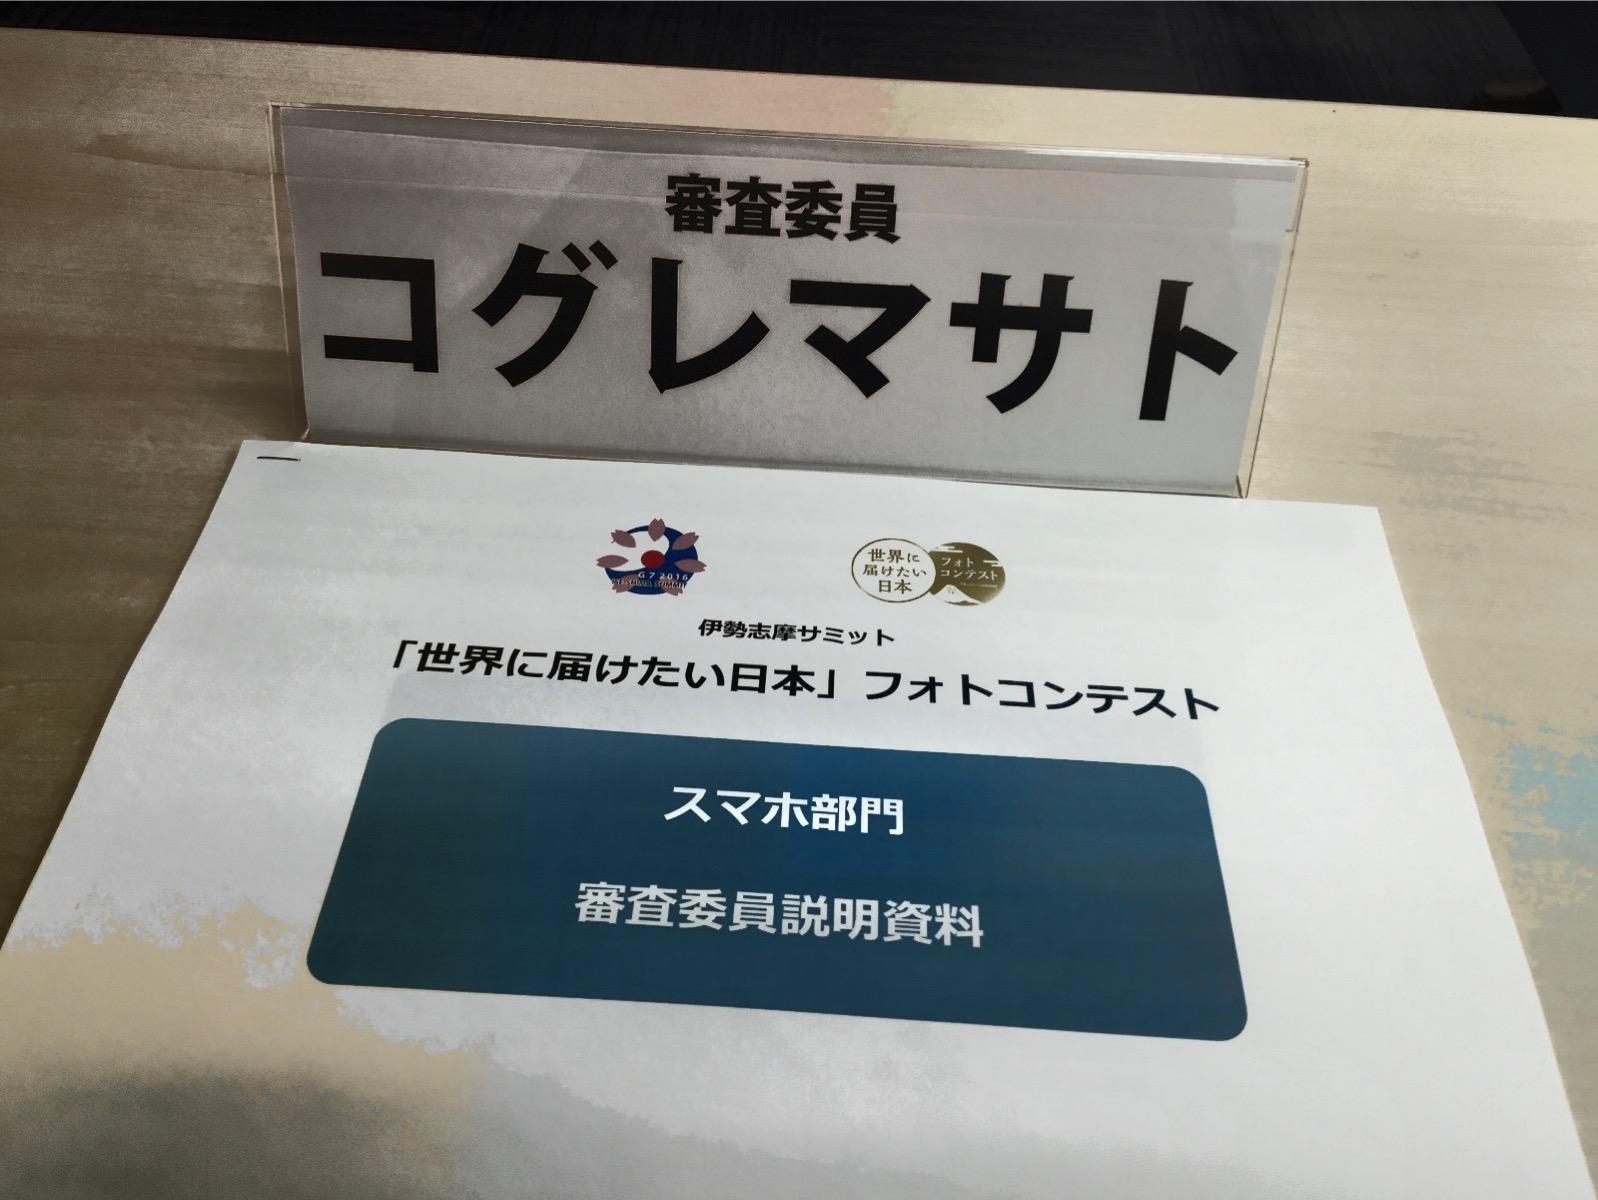 内閣官房・内閣府主催の伊勢志摩サミット「世界に届けたい日本」フォトコンテストの審査会に参加してきました!